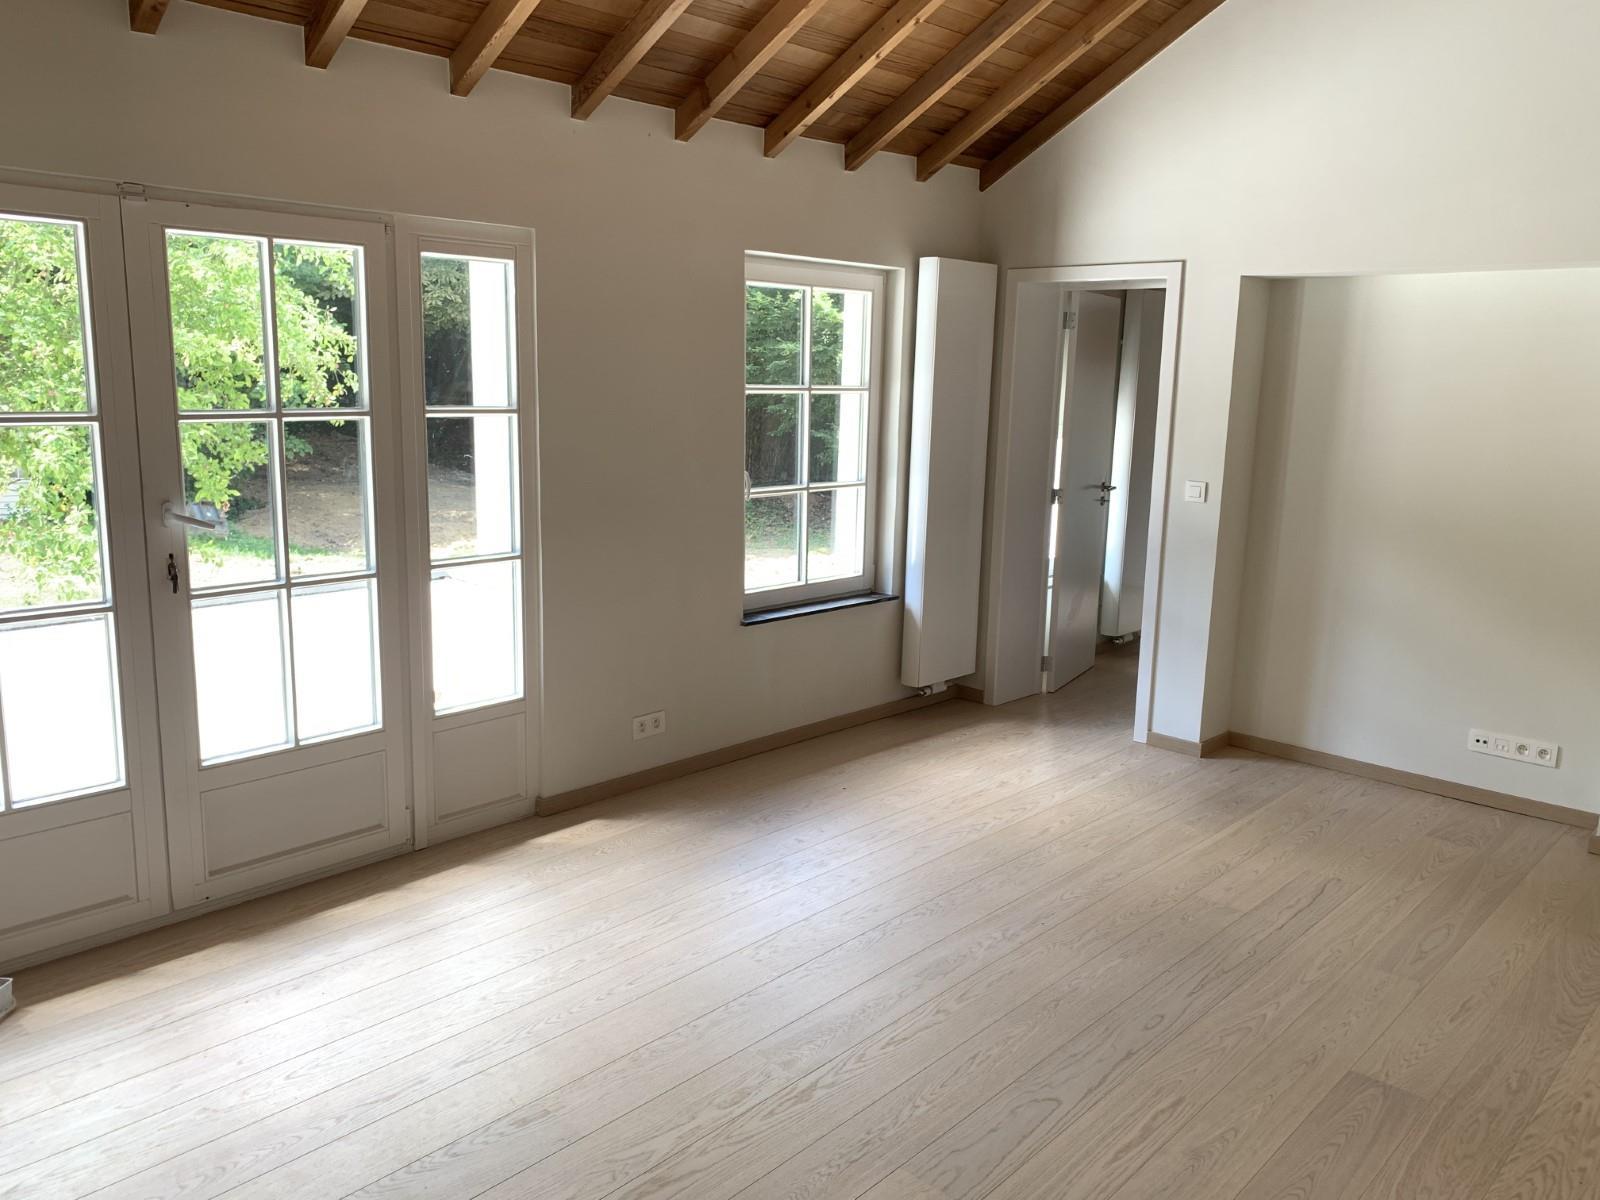 Buitengewoon huis - Uccle - #3965165-4